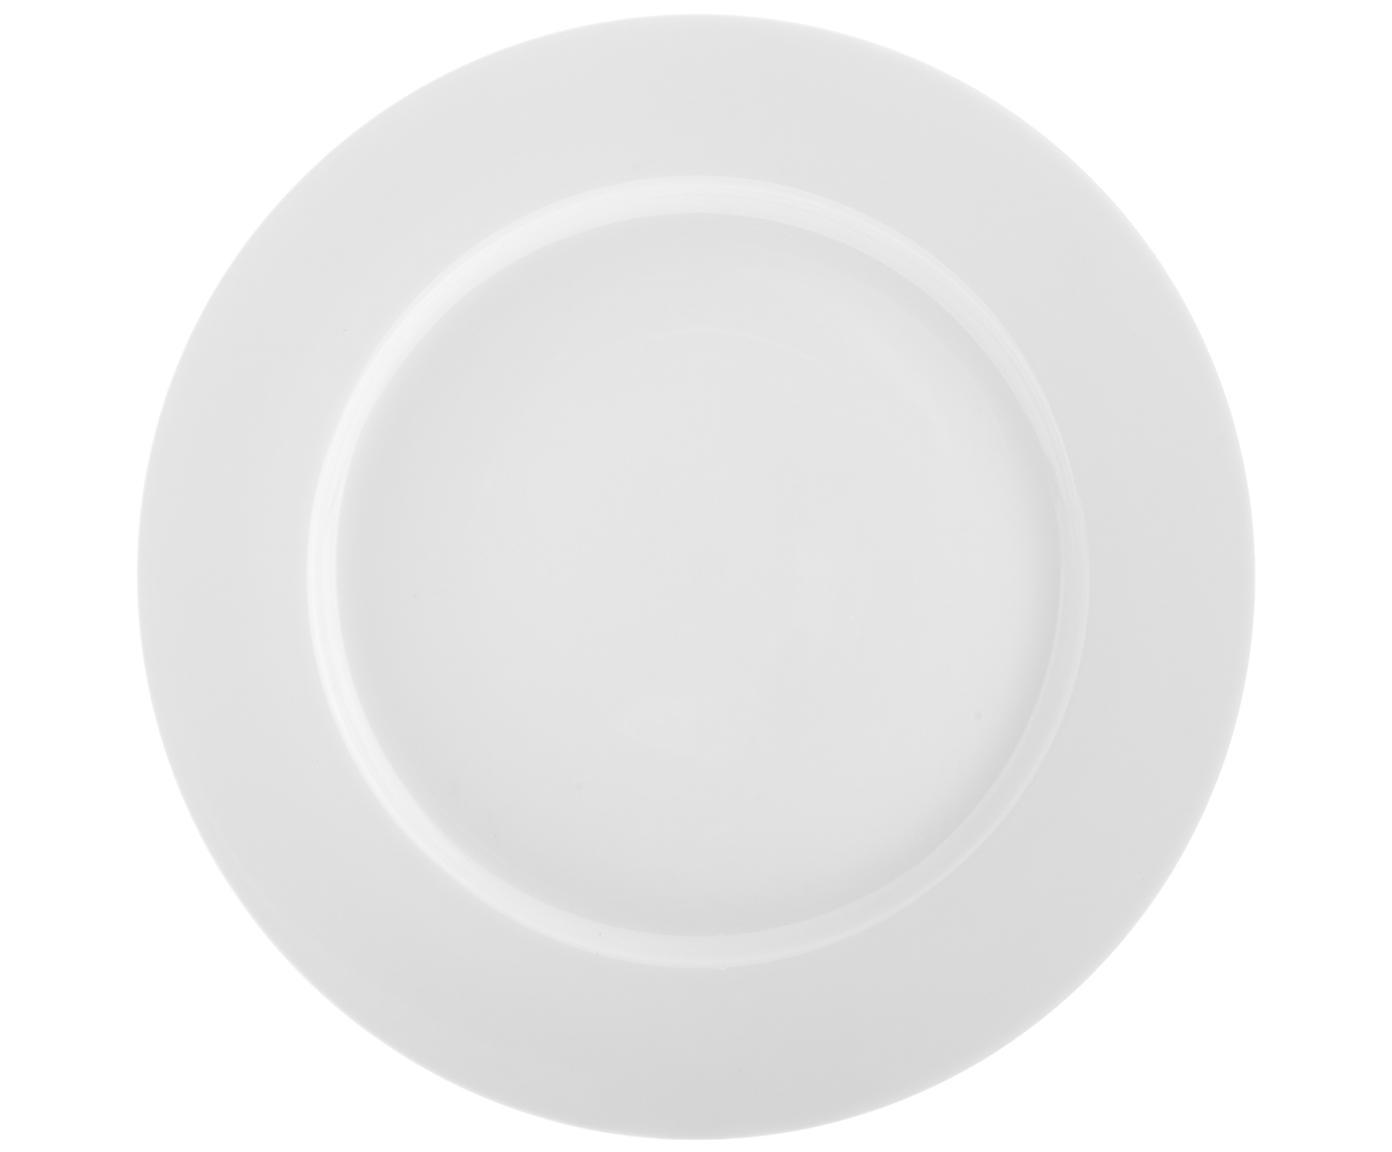 Frühstücksteller Delight Classic, 2 Stück, Porzellan, Weiß, Ø 23 cm